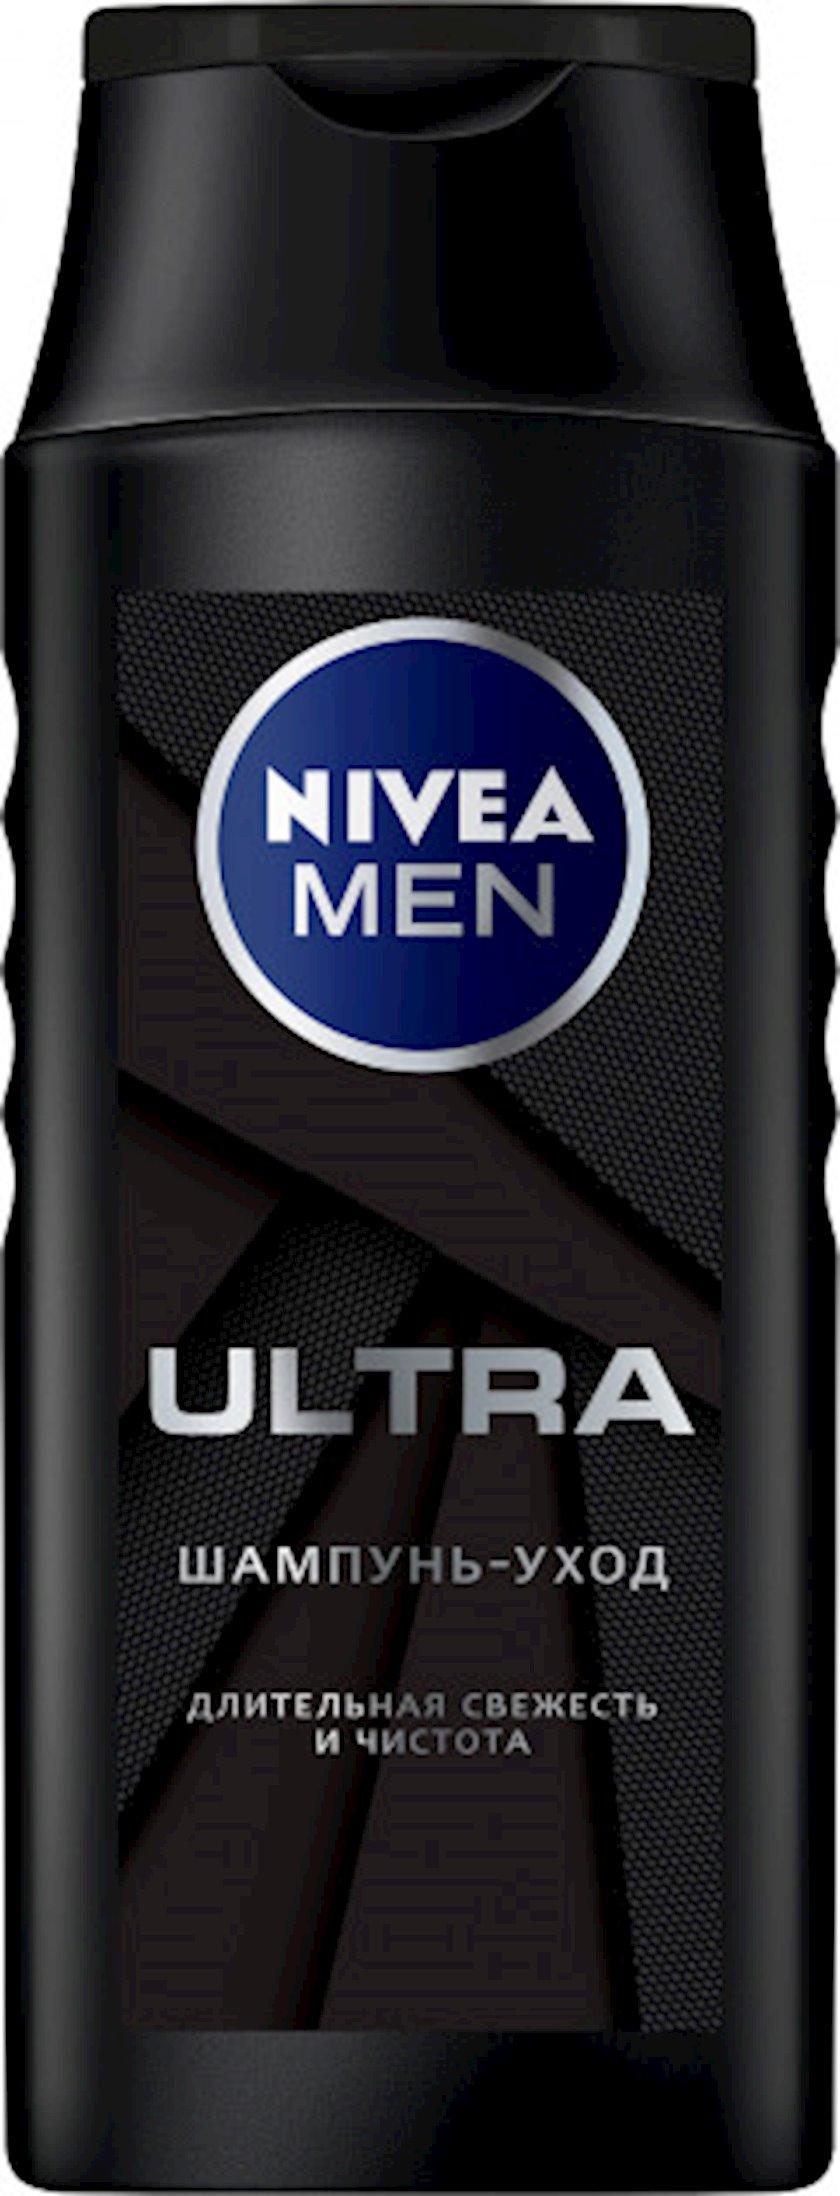 Şampun aktiv kömür ilə uzunmüddətli təravət və təmizlik Men Ultra Nivea 250 ml